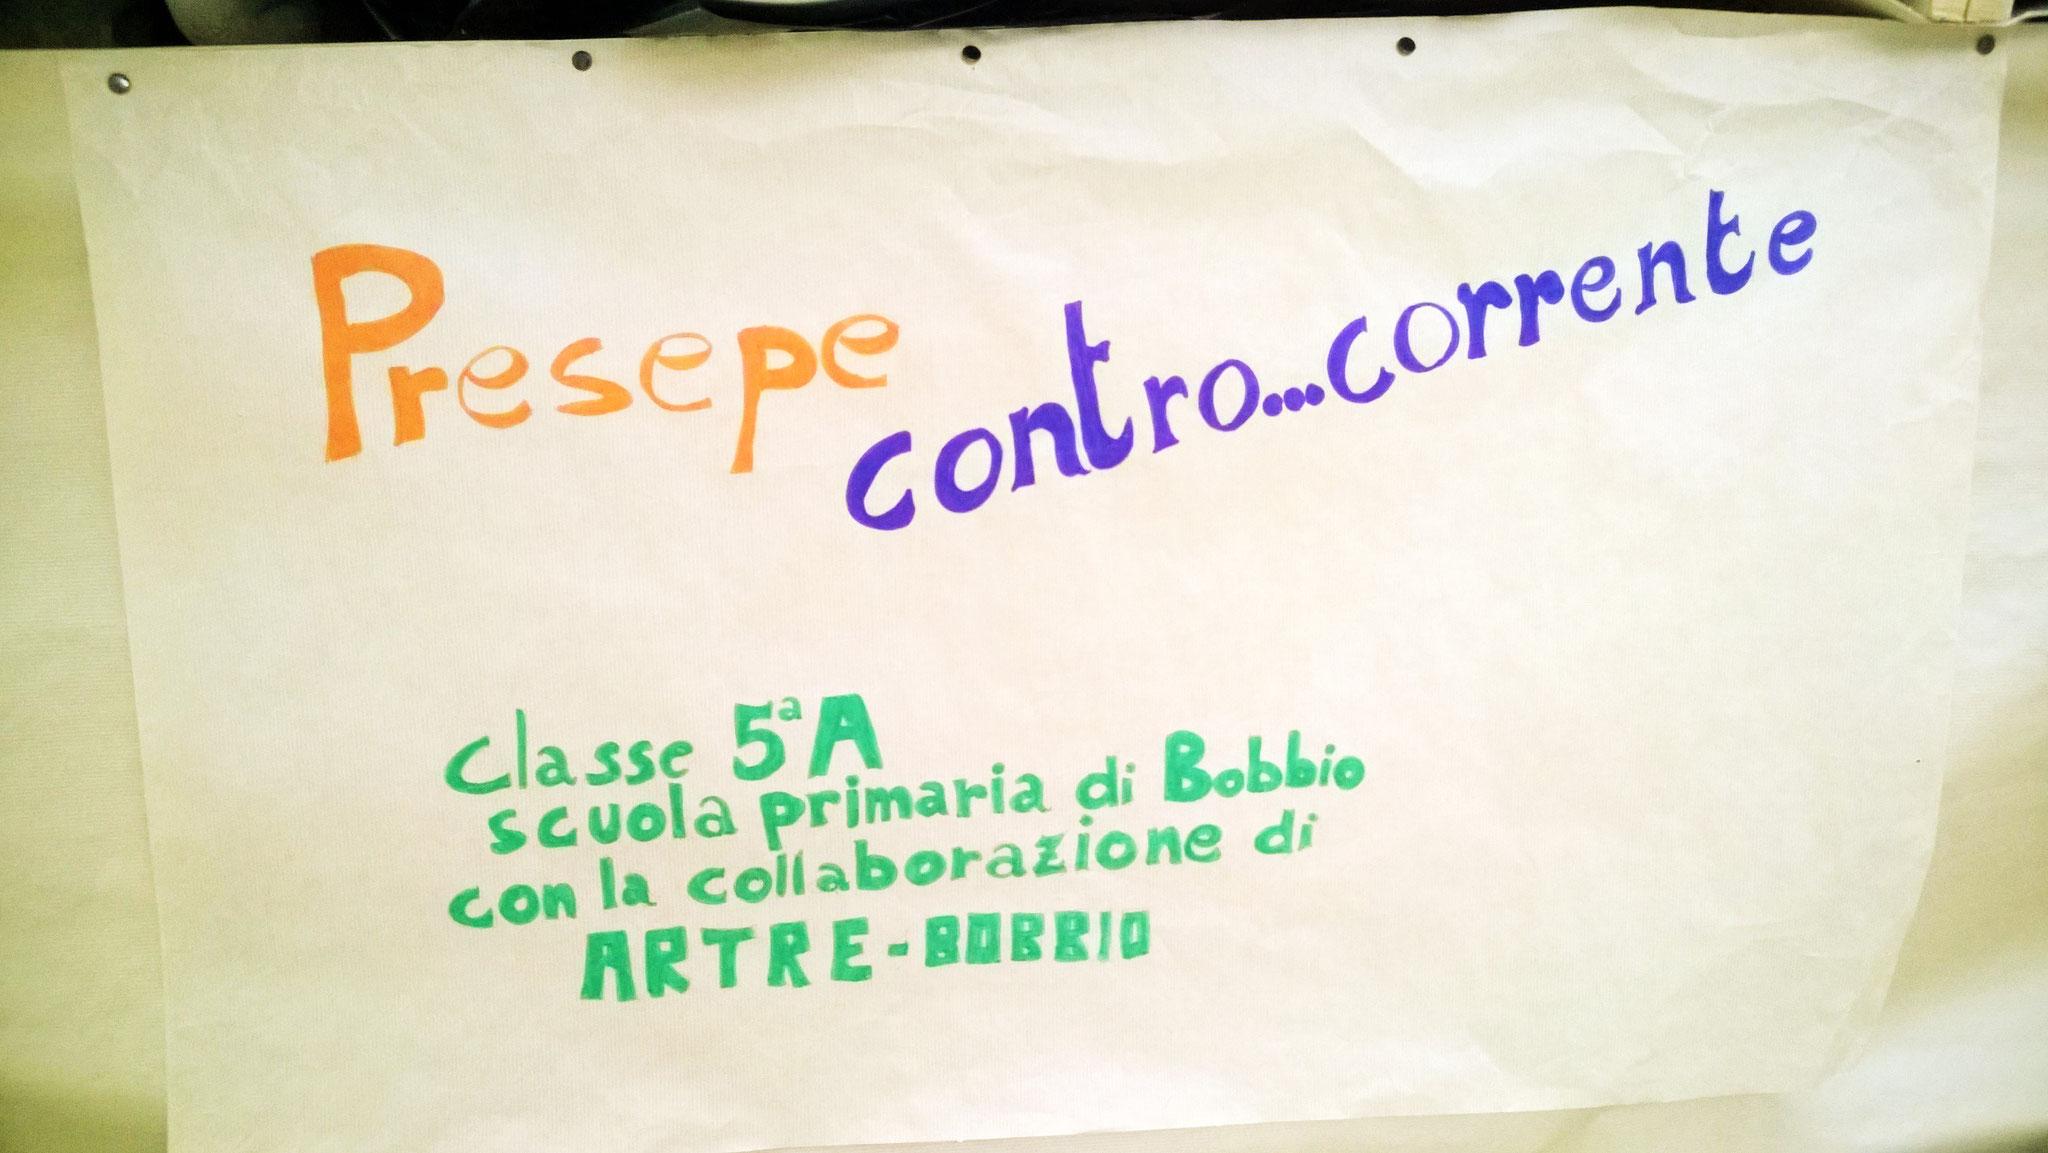 """Presepe """"Contro ... Corrente""""  realizzato con gli alunni della  5 A di Bobbio"""